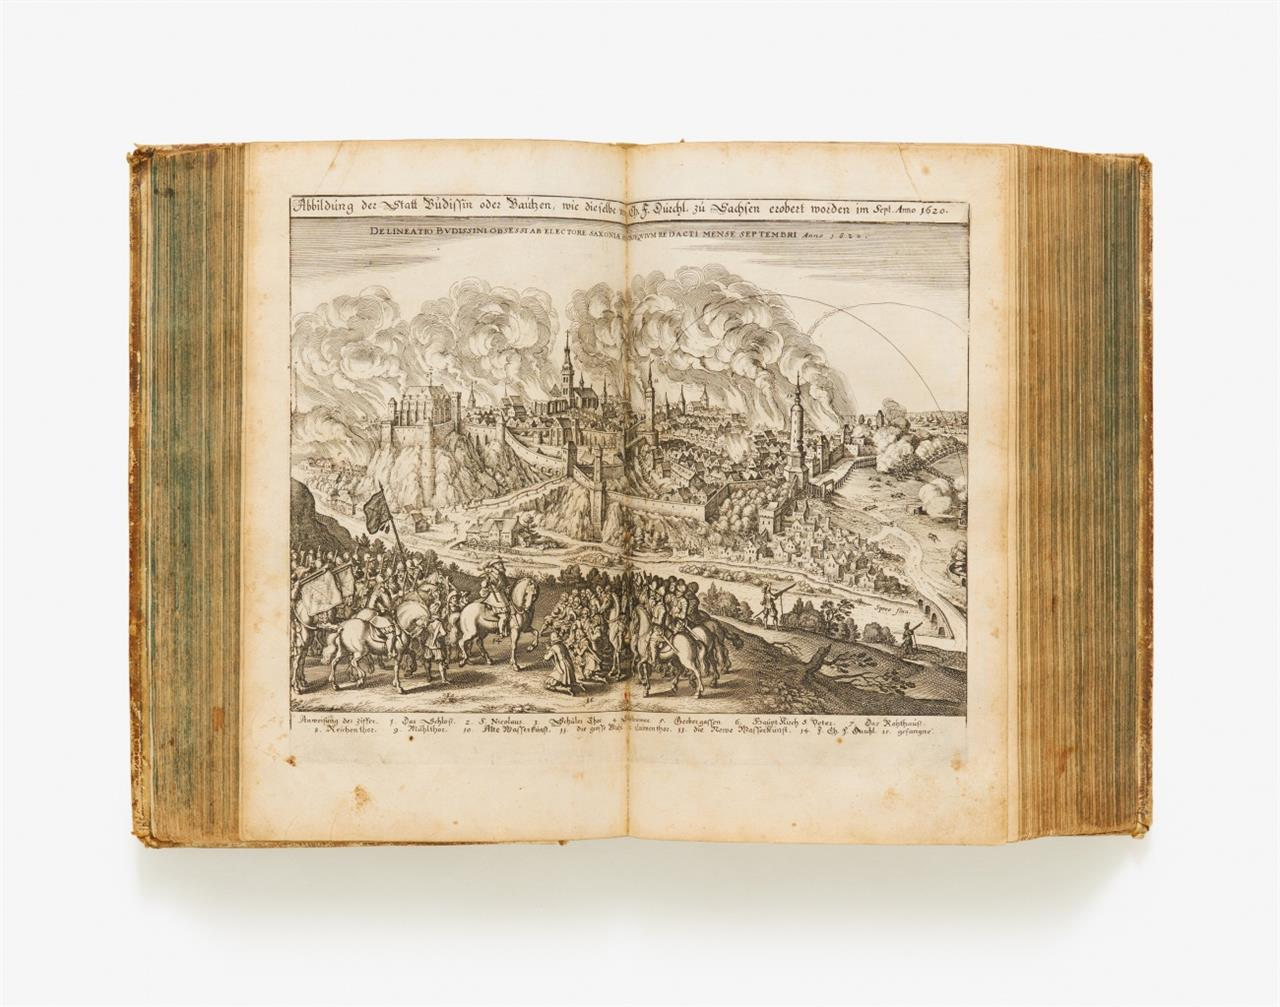 Merian. - J. P. Abelinus, Theatrum Europaeum. Bd. I. (2. Aufl.). Ffm 1643.